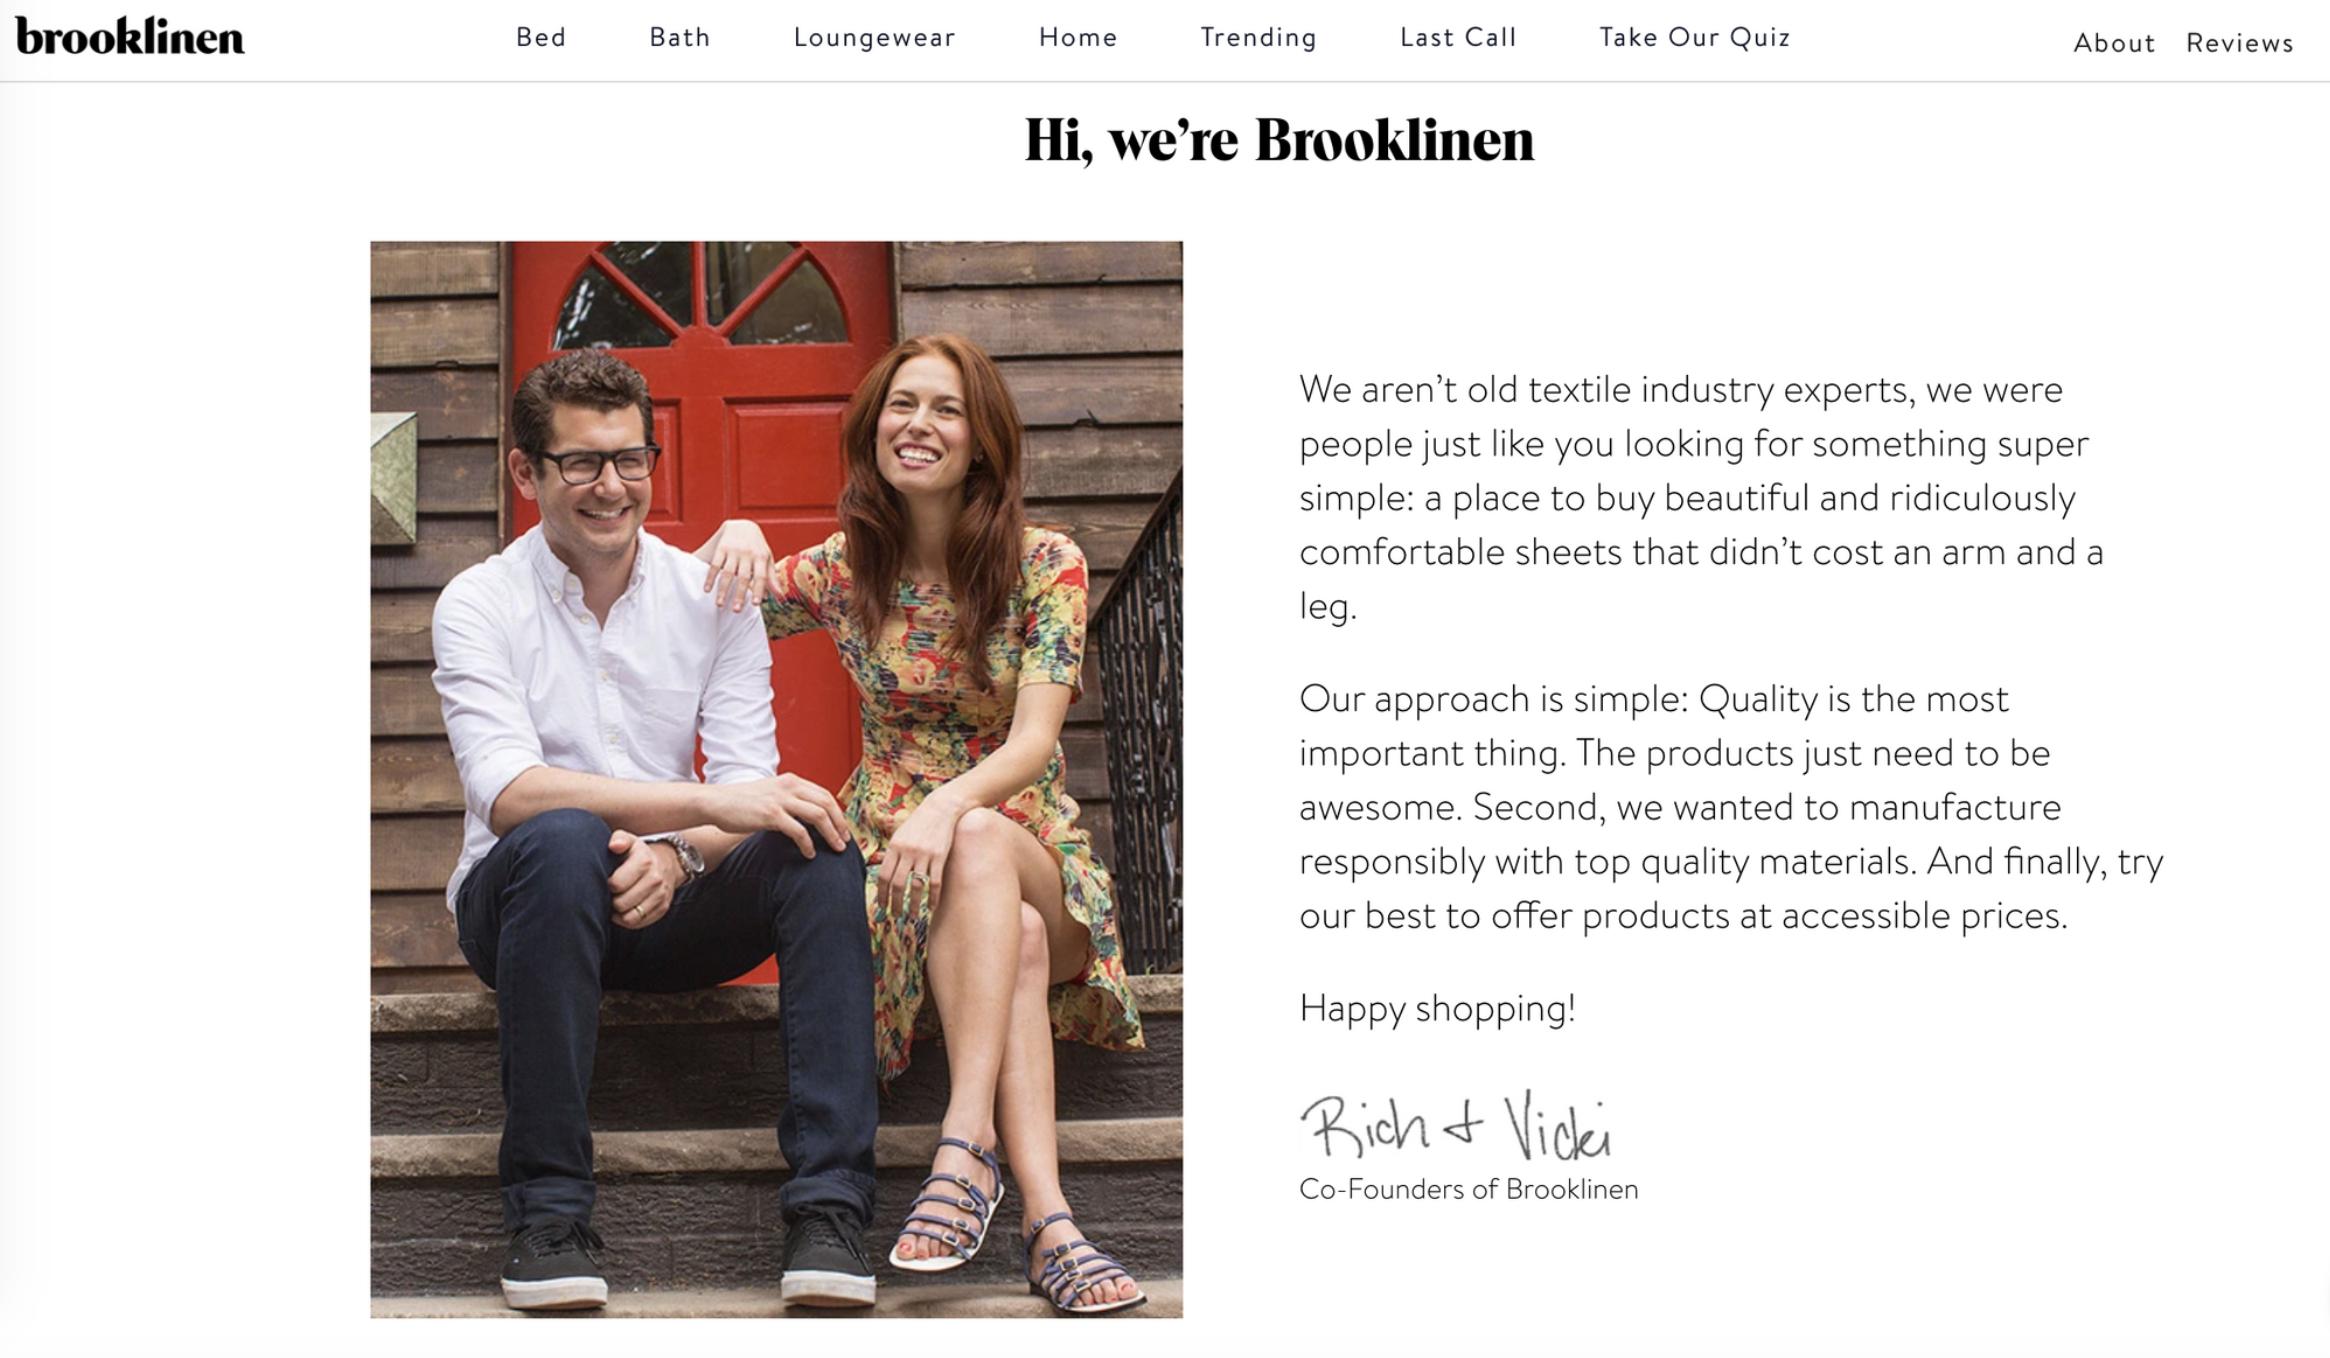 Làm thế nào để khách hàng thấy cửa hàng online của bạn là đáng tin cậy 4